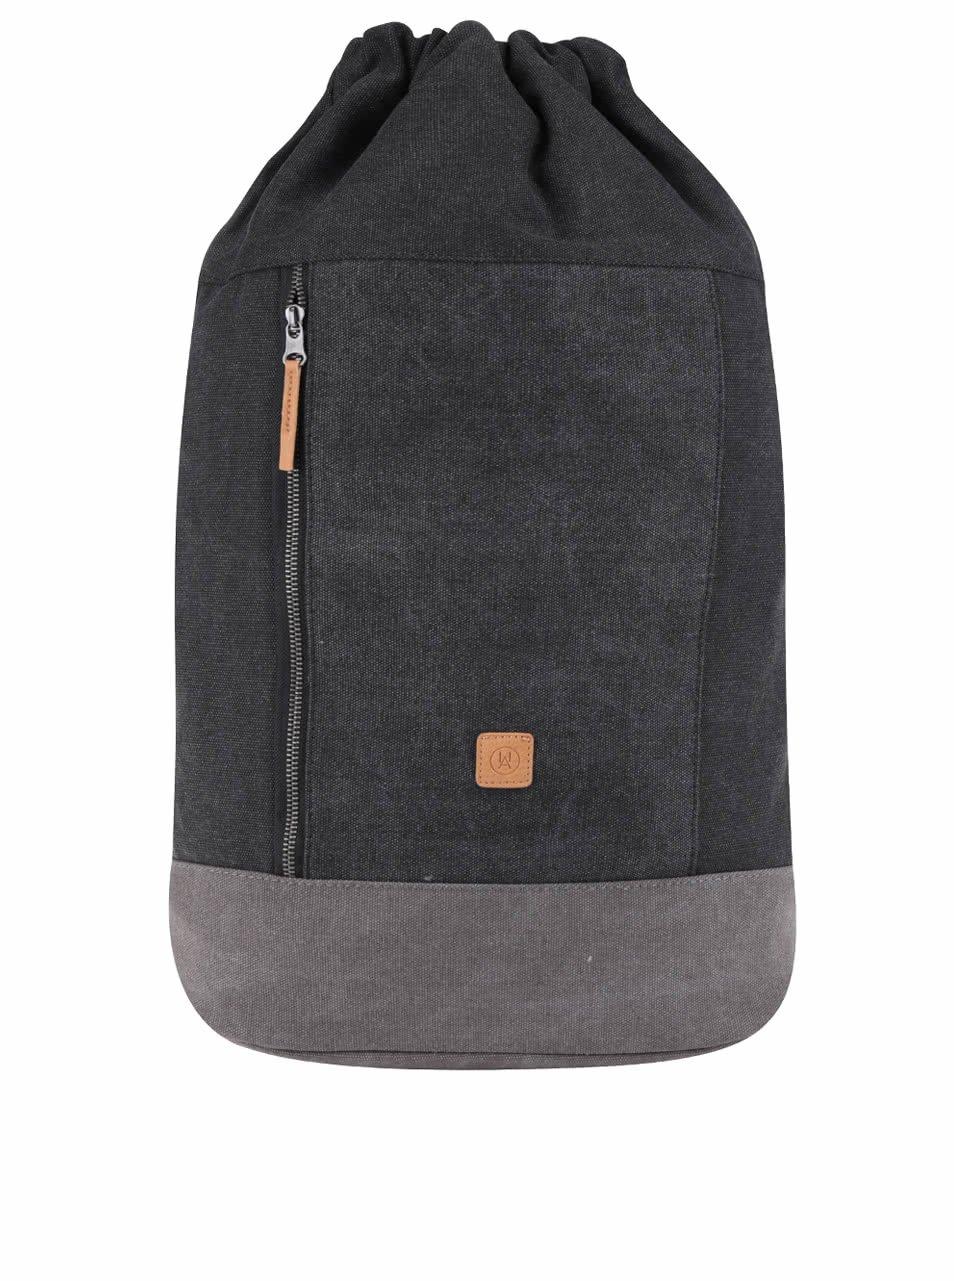 Tmavě šedý žíhaný batoh se stahováním Ucon Cortado Waterproof 19 l